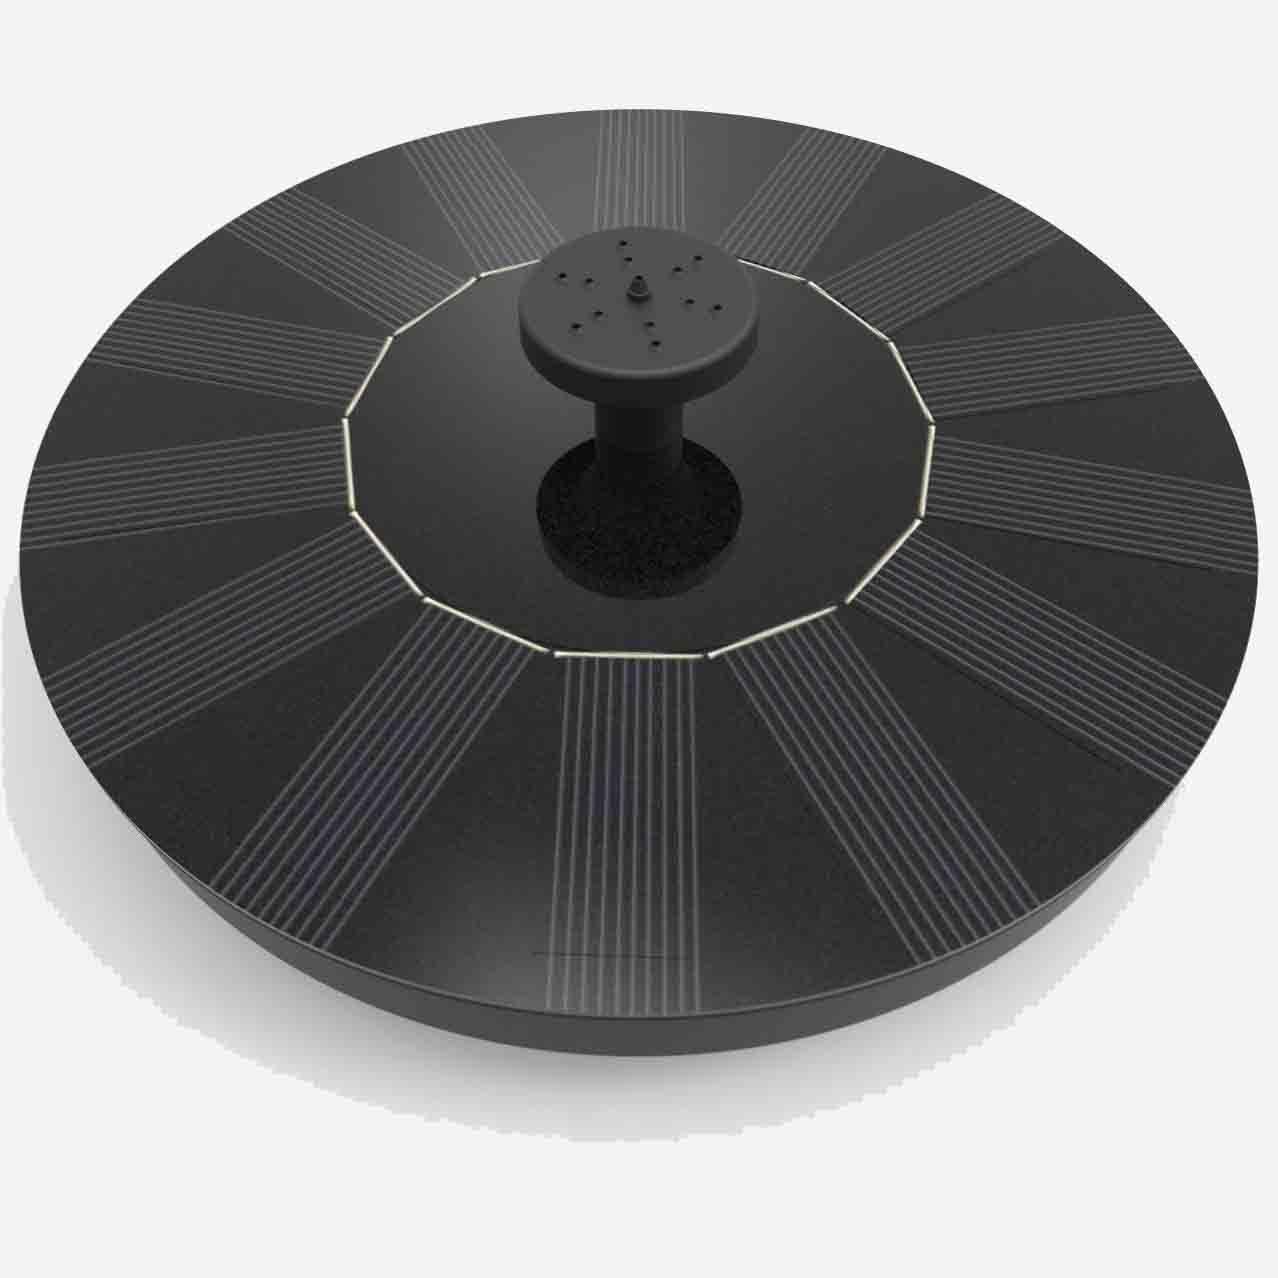 Portable Solar Power Fountain – SPECIAL OFFER Garden Traveler